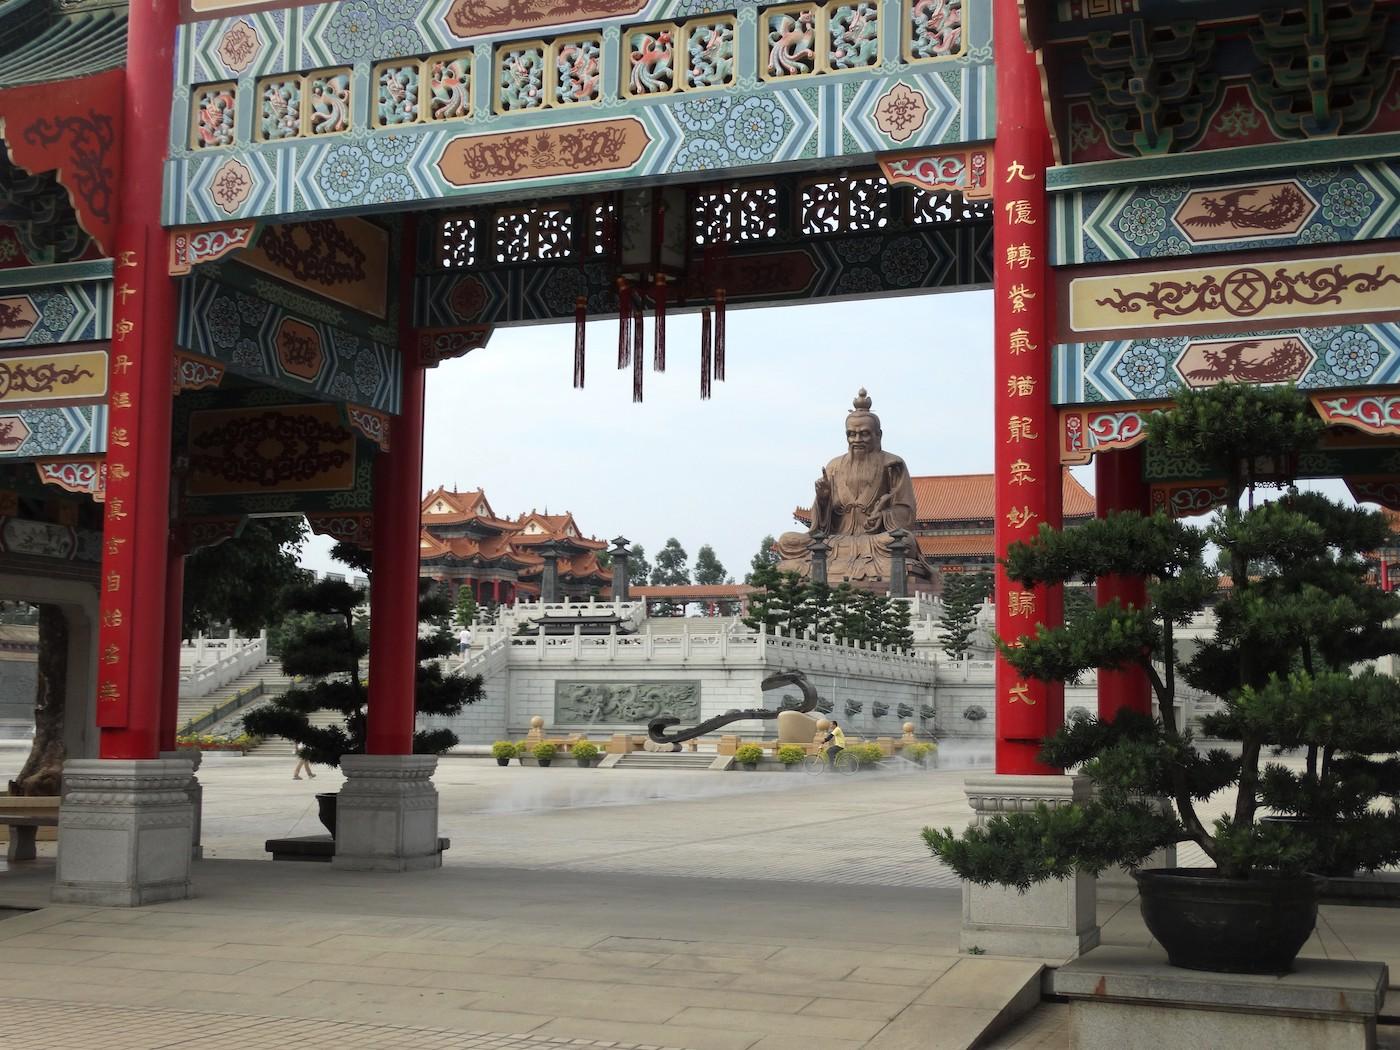 Tao temple guangzhou in China